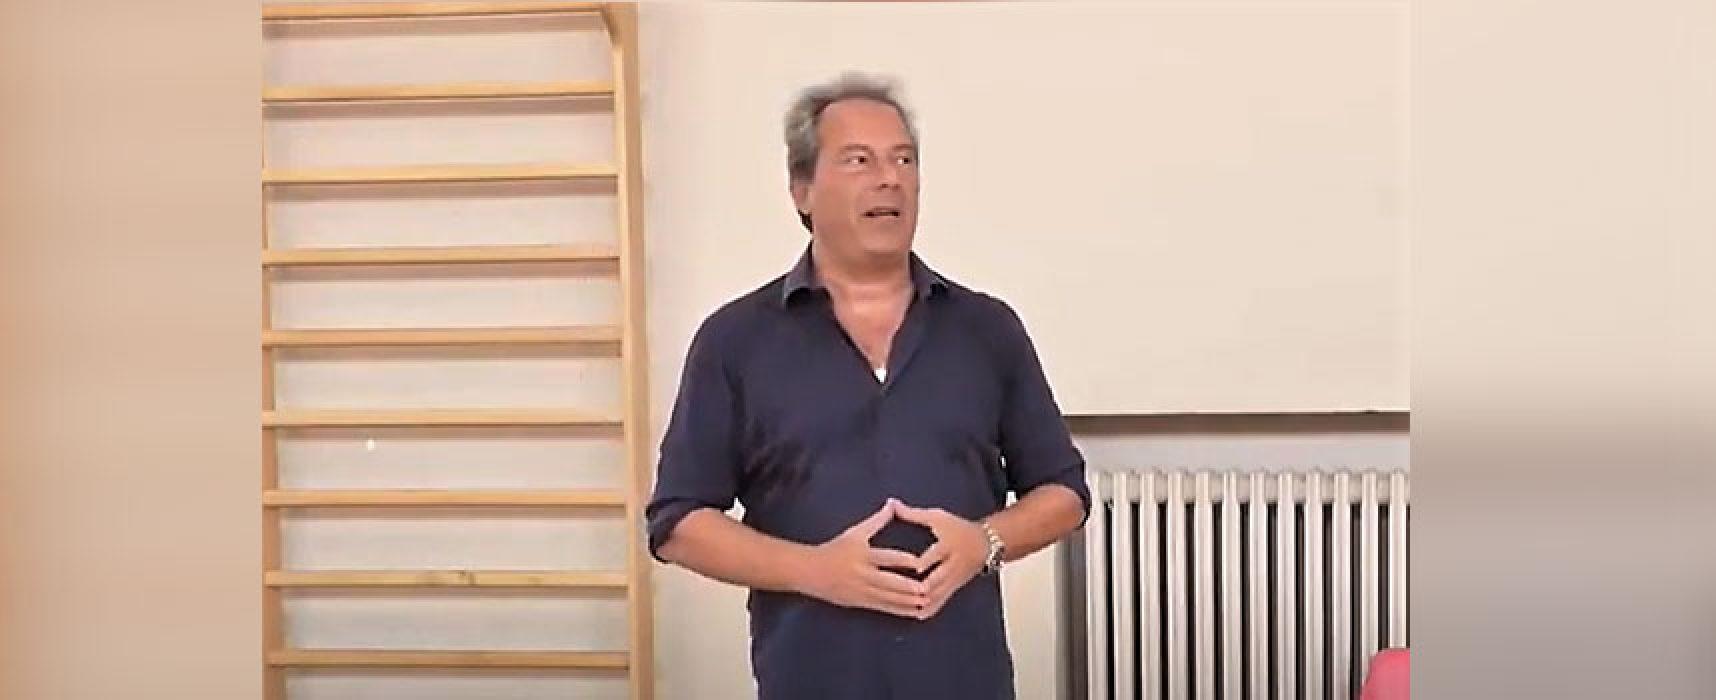 """Consiglio Comunale, Spina: """"Bilancio consolidato senza firma segretario e dirigente"""""""